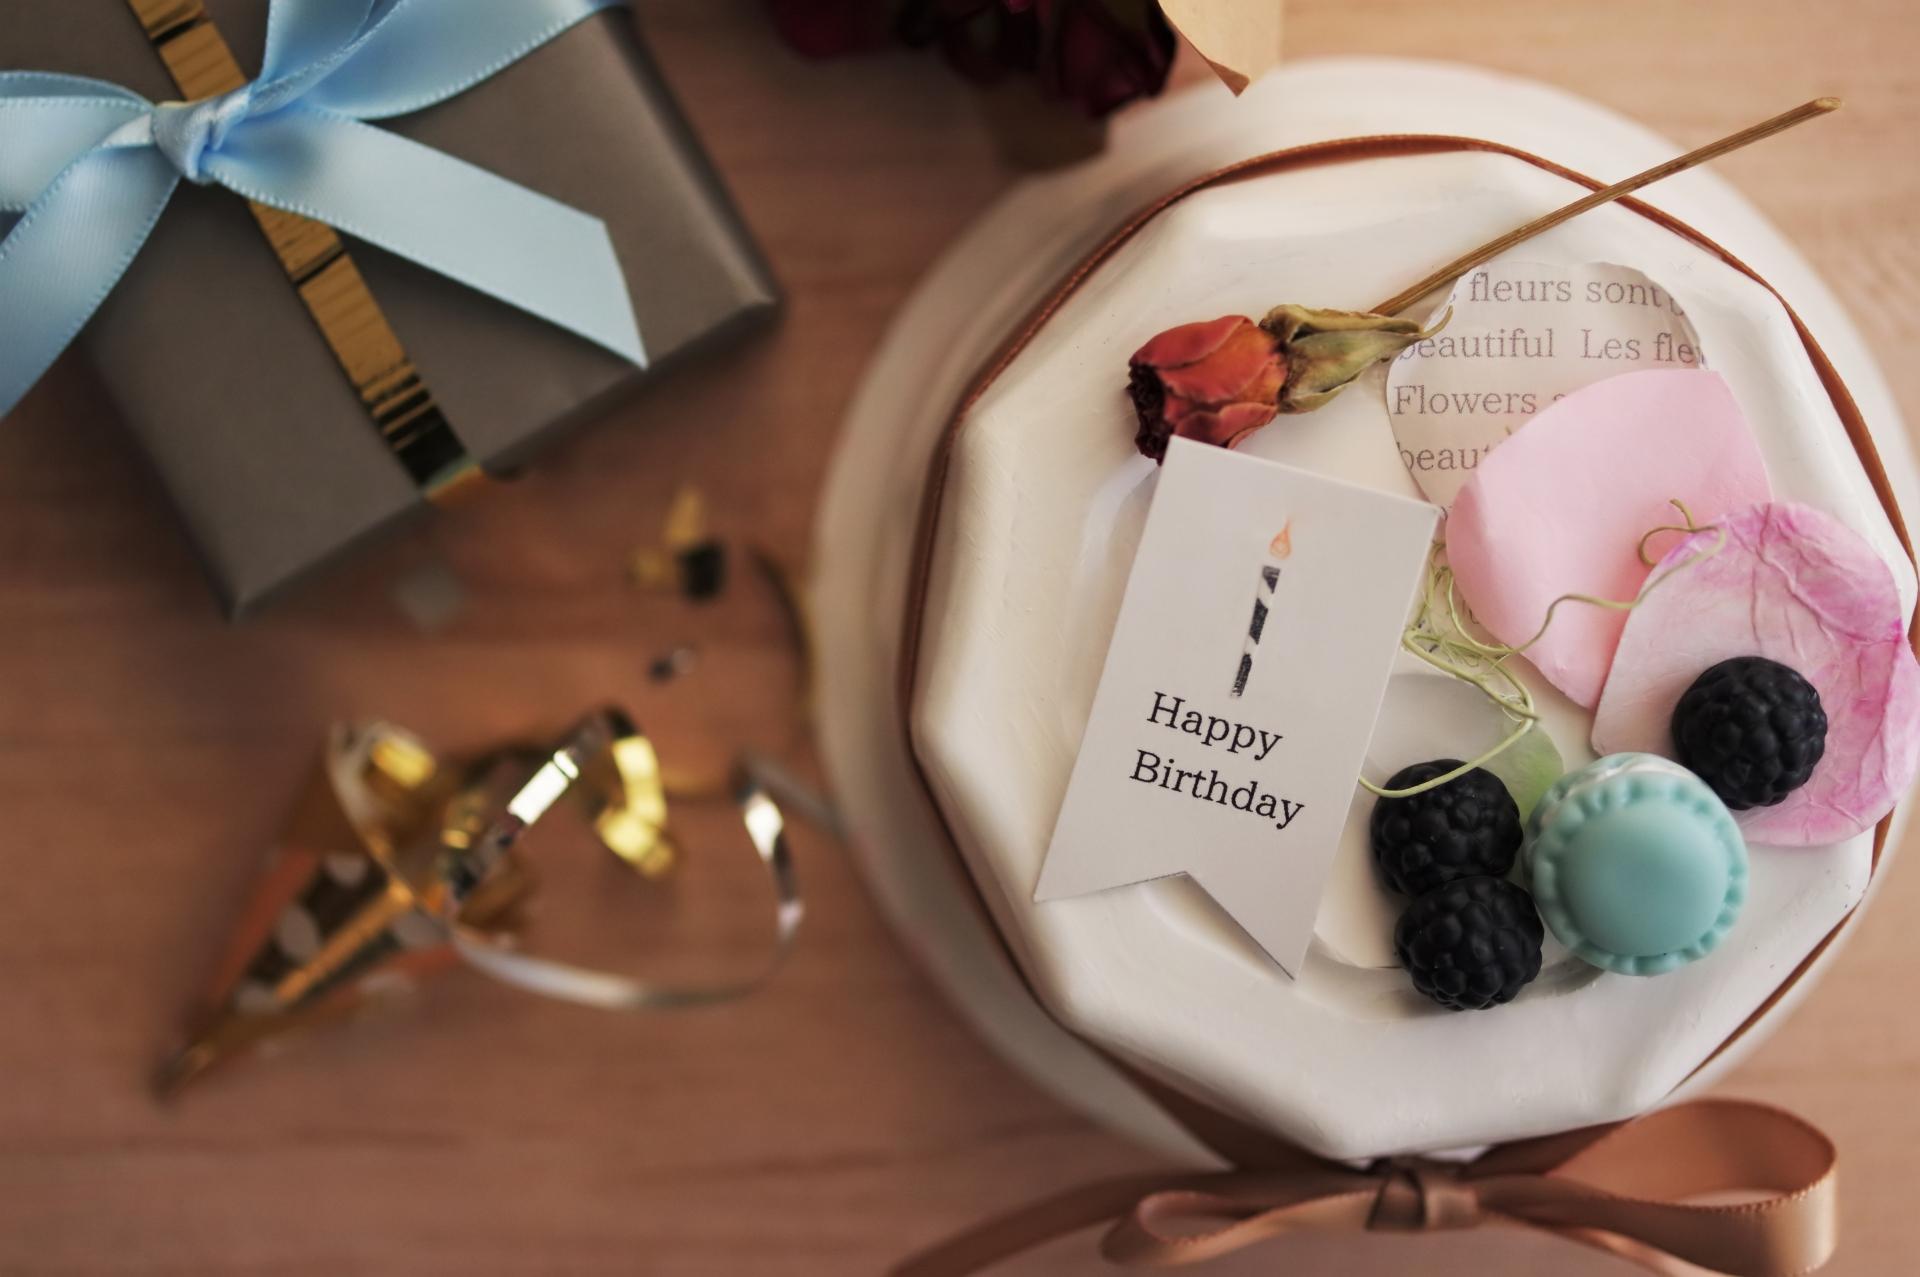 通販 スマッシュ ケーキ 1歳の誕生日ケーキならスマッシュケーキ.comへ。お祝いに人気の写真映えする可愛い誕生日ケーキをご用意。アレルギーにも配慮した安心のケーキなので、1歳のお子様にもおすすめです。ケーキは5号サイズもご用意しております。こちらではスマッシュケーキについてご紹介いたします。